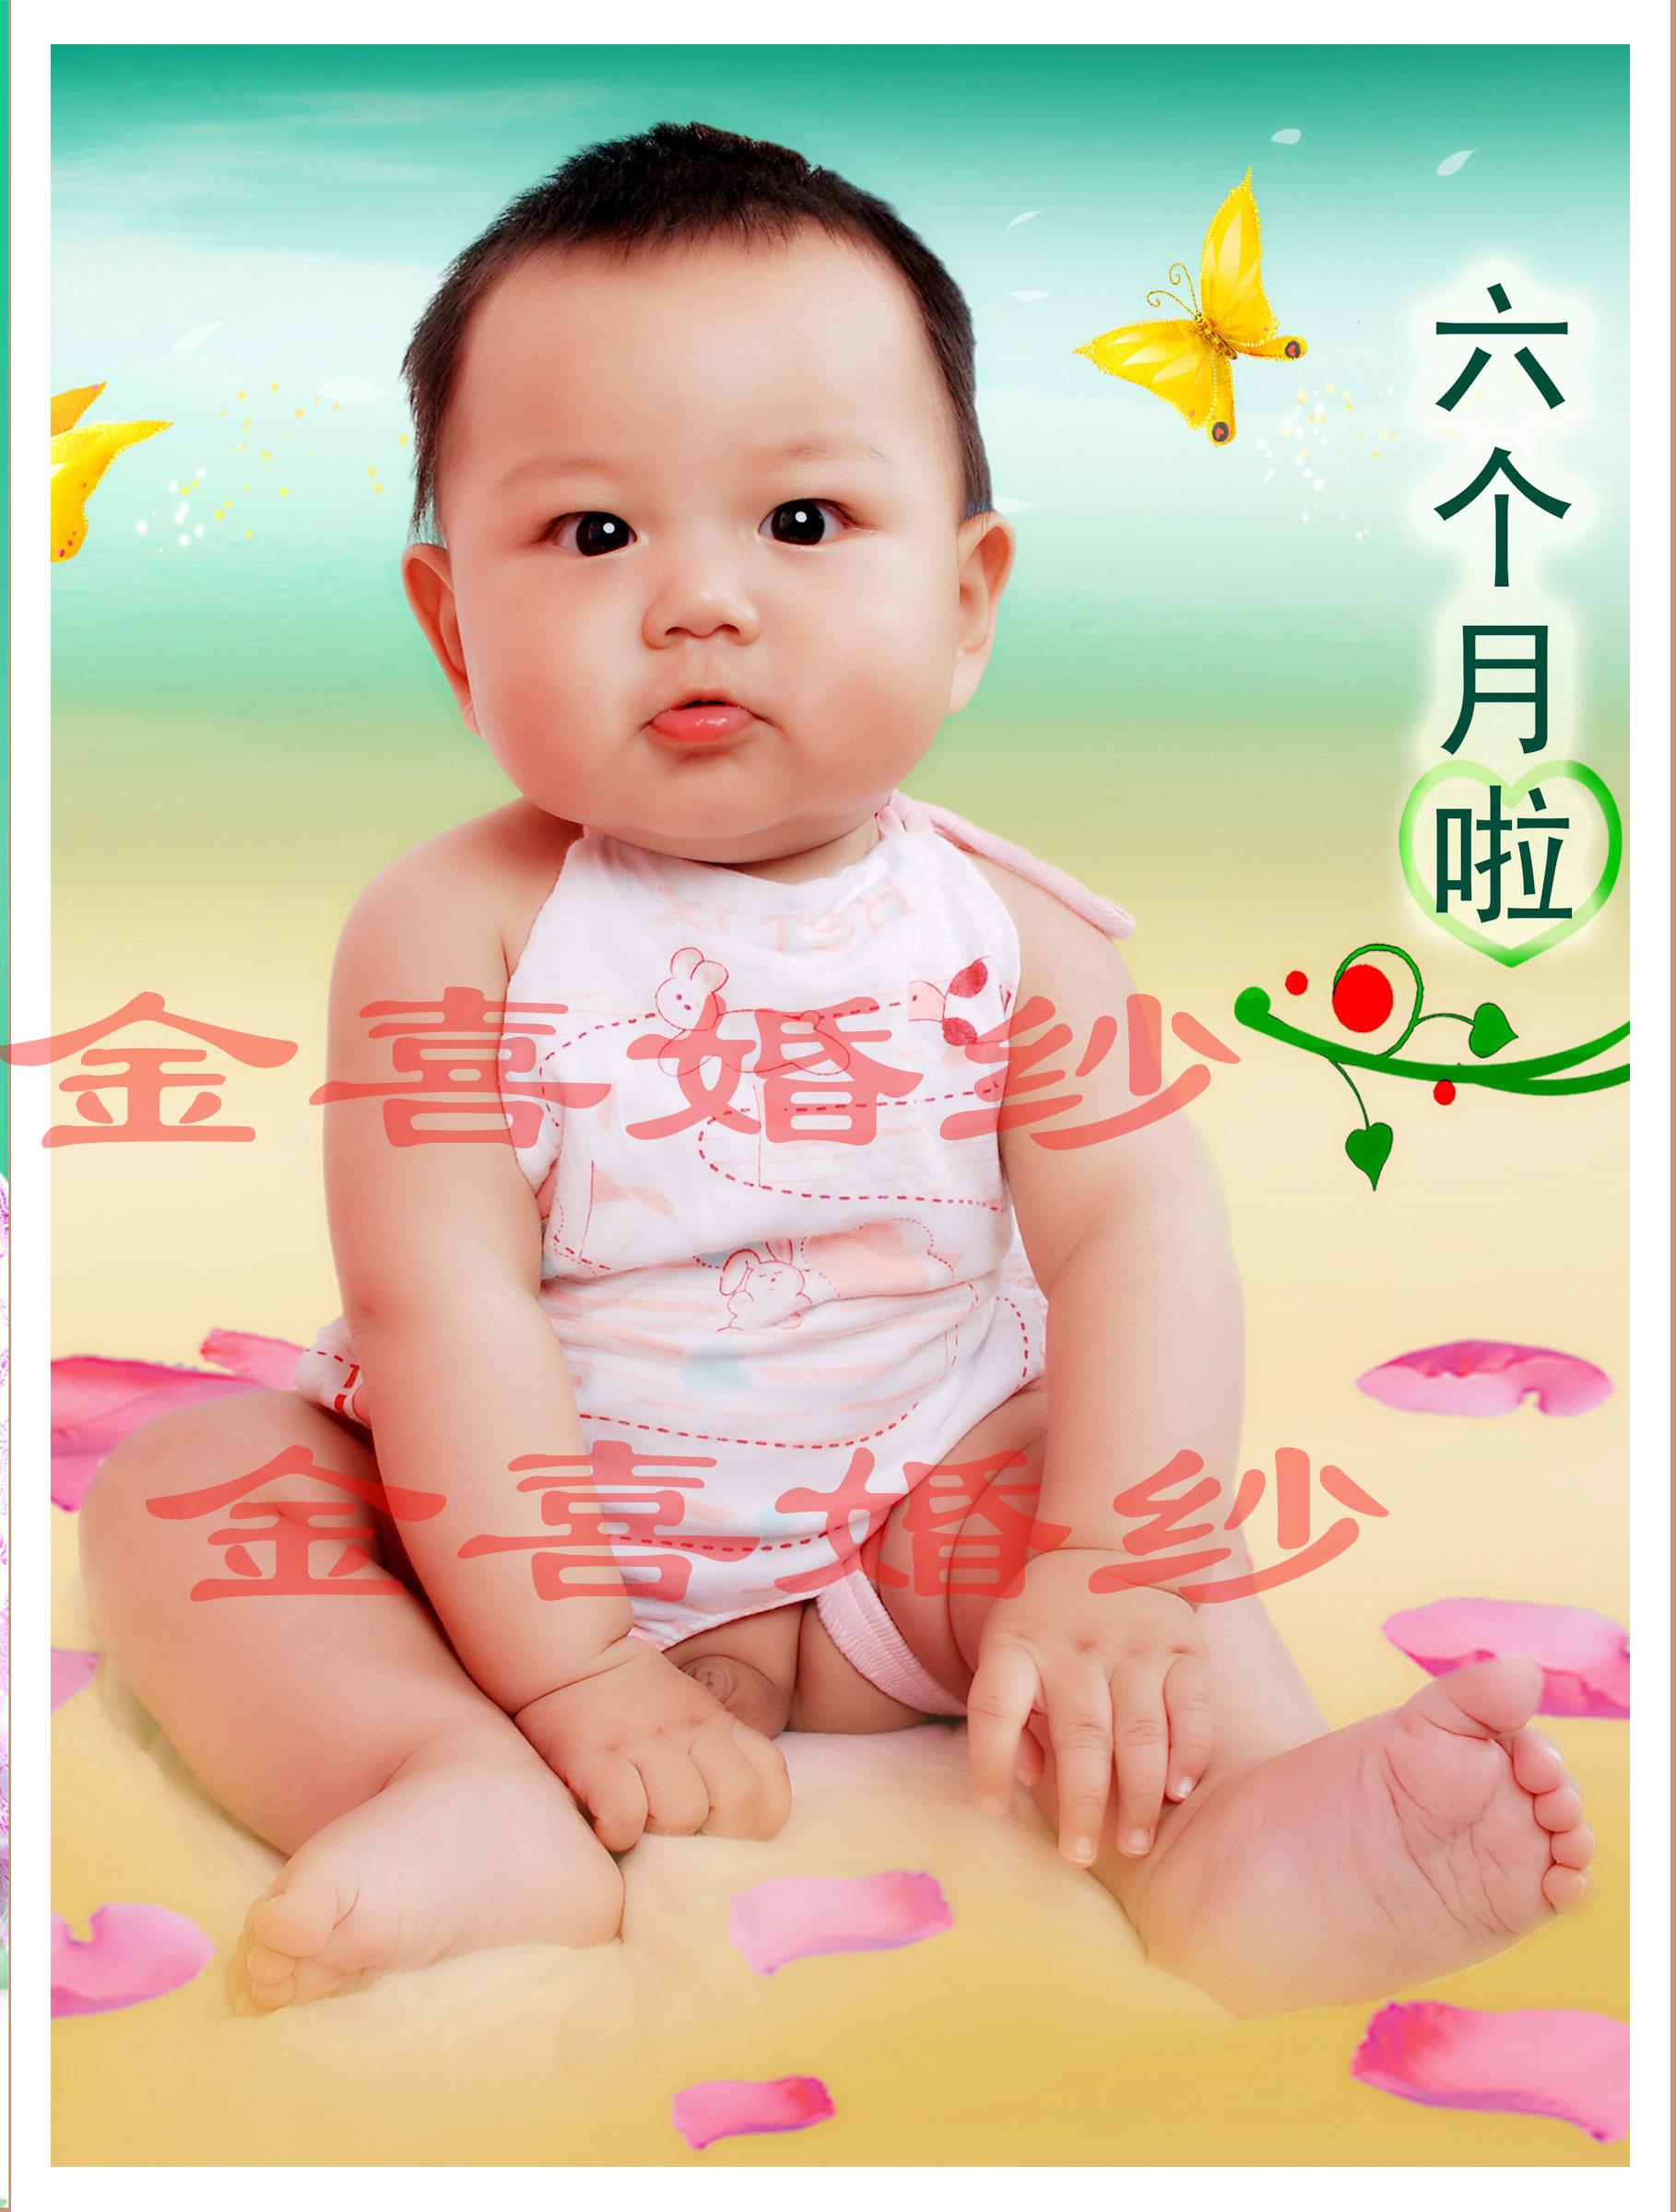 4,特色儿童照 : 关注儿童成长瞬间,记录宝贝天真童年.